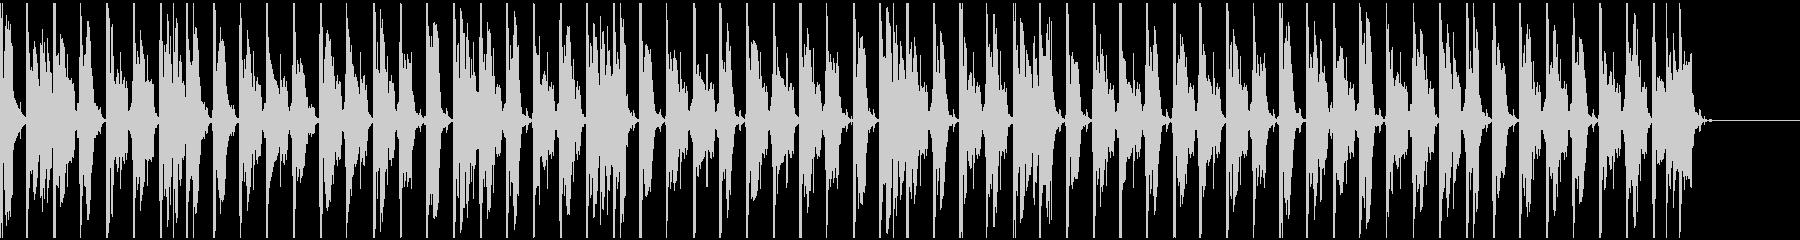 【エレクトロニカ】ロング5、ジングル3の未再生の波形